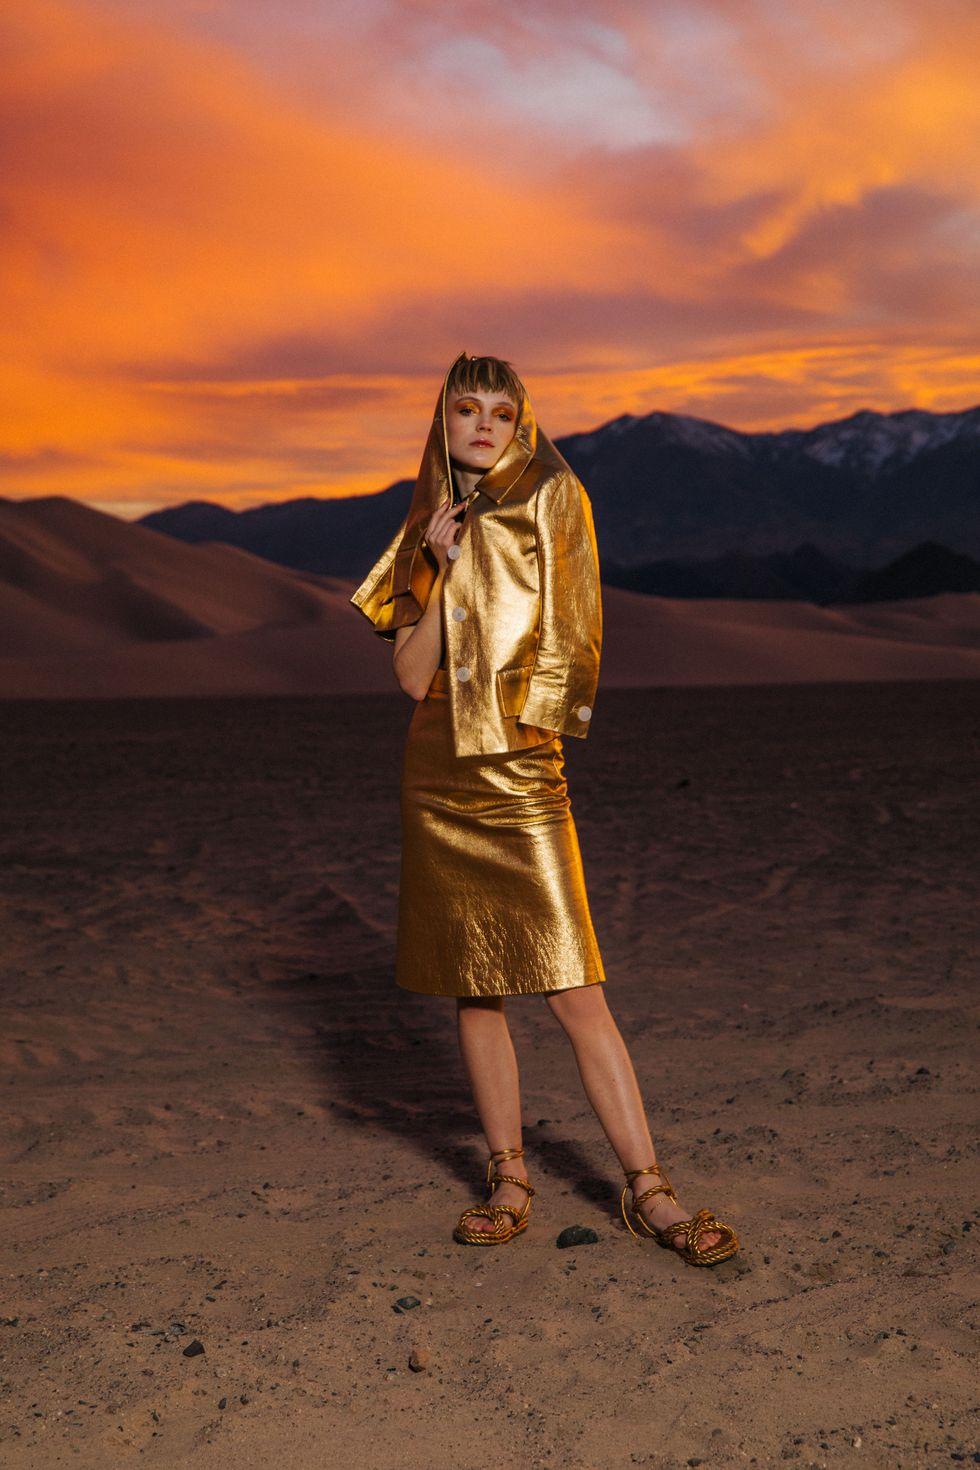 Bộ ảnh thời trang của tạp chí Elle tại Thung lũng chết - 2